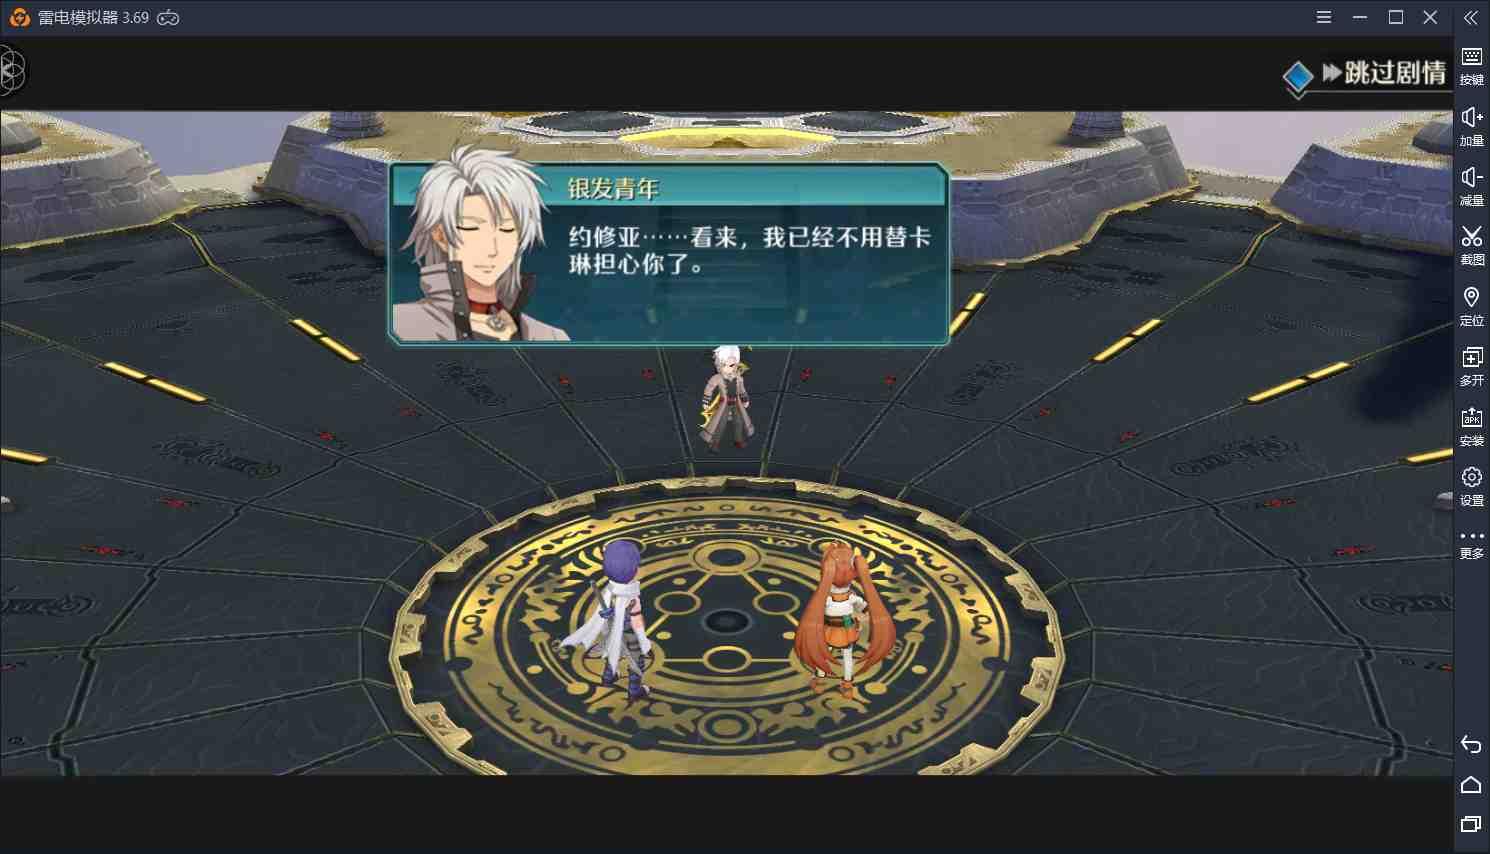 【空之轨迹手游】黎恩与劳拉的儿子立志要成为游击士!(大误)